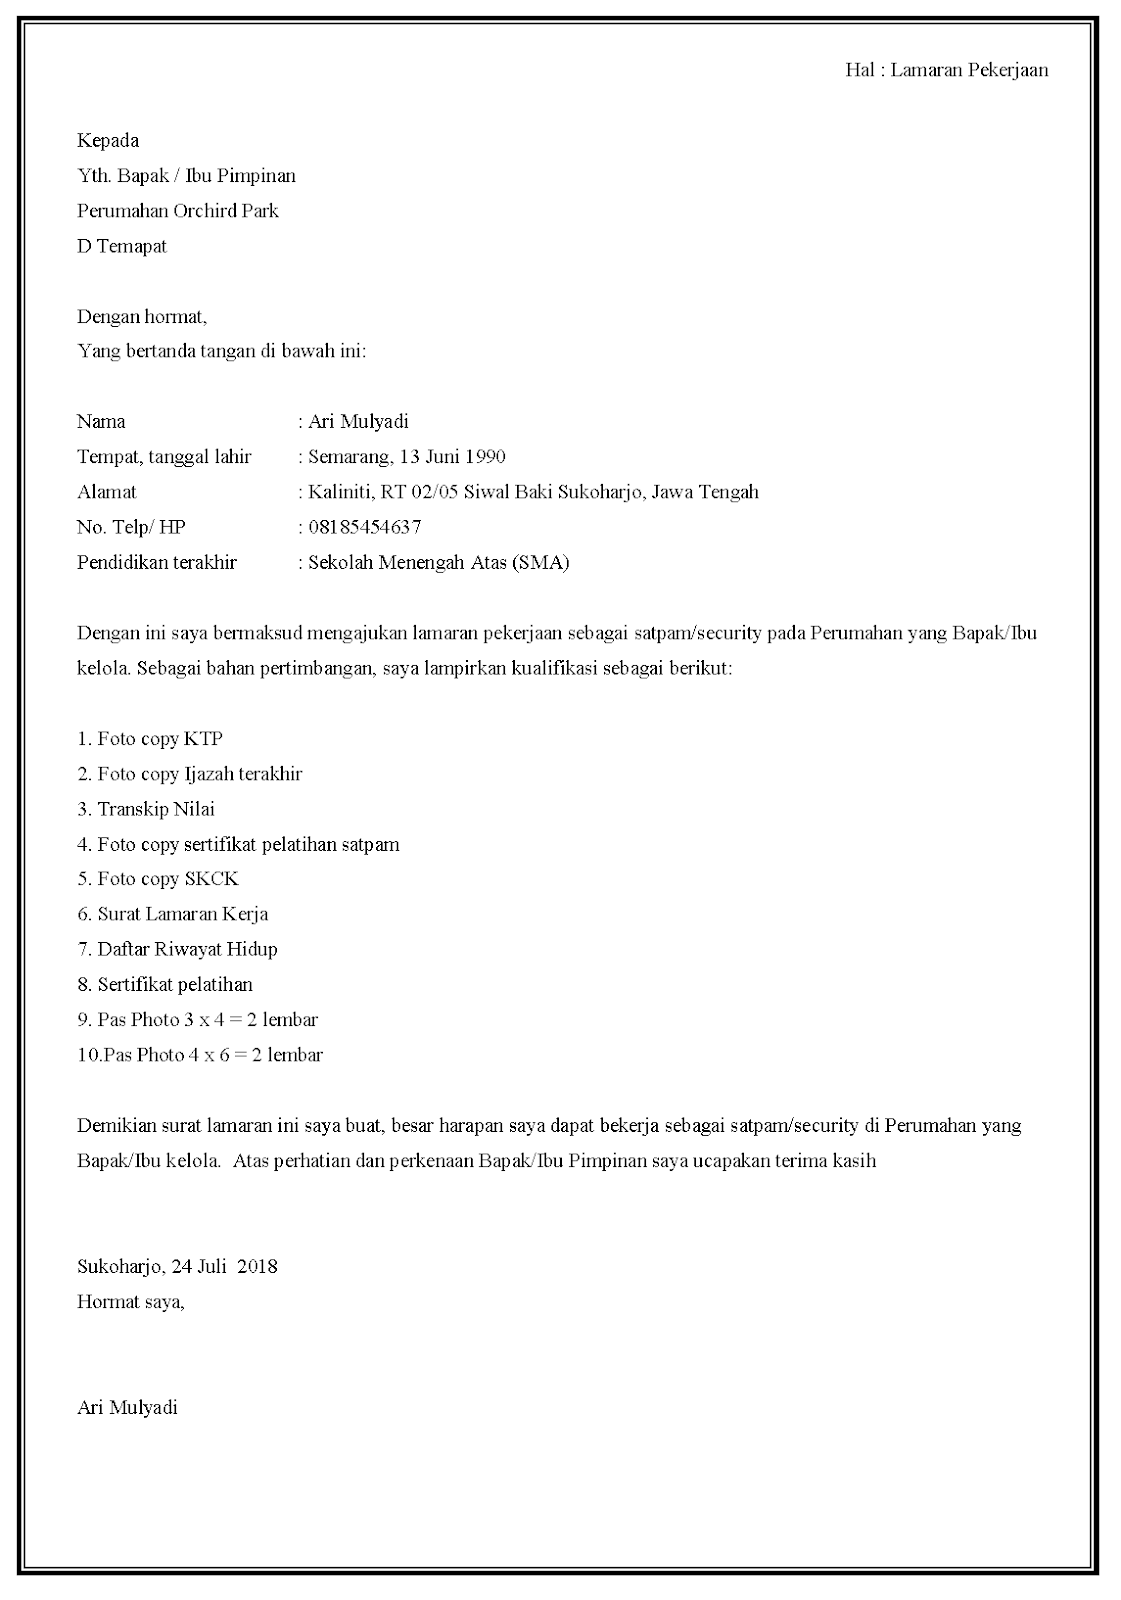 30 Contoh Surat Lamaran Kerja Security Di Berbagai Posisi Contoh Surat